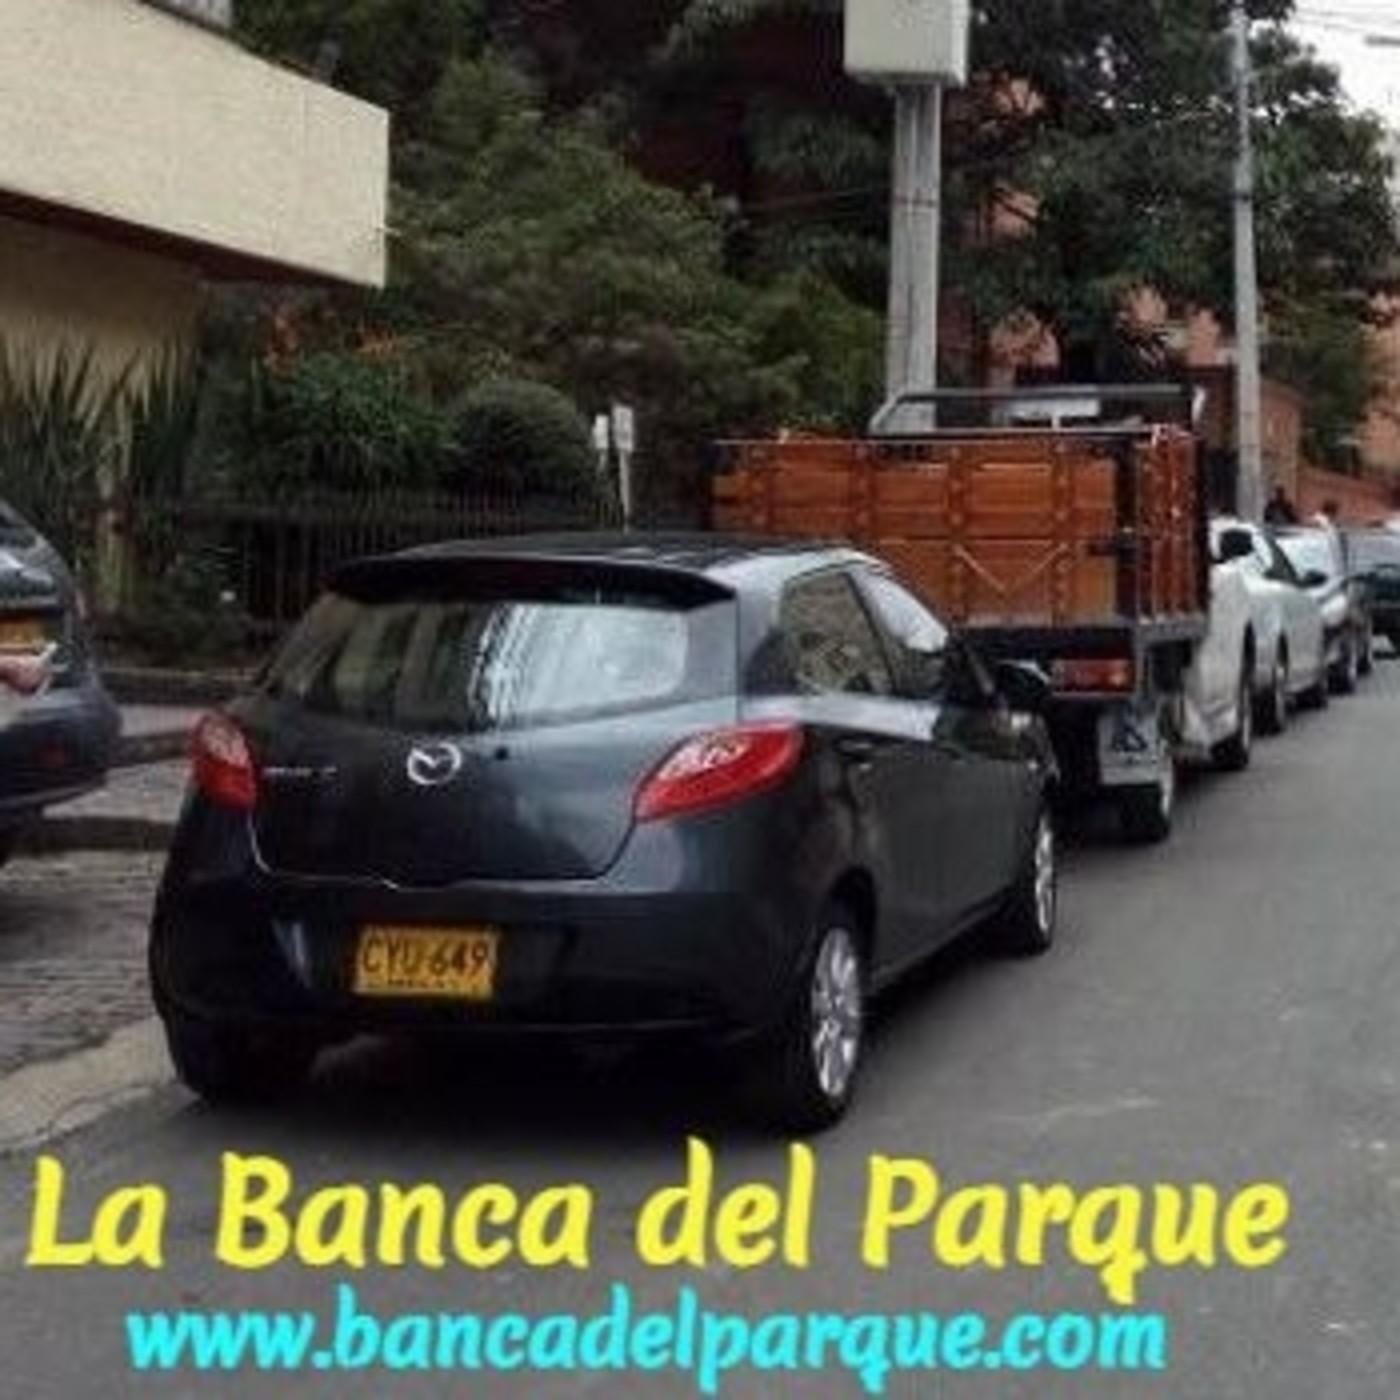 30.04.2021 - La Banca del Parque - Guillermo Camacho Cabrera - El Carro